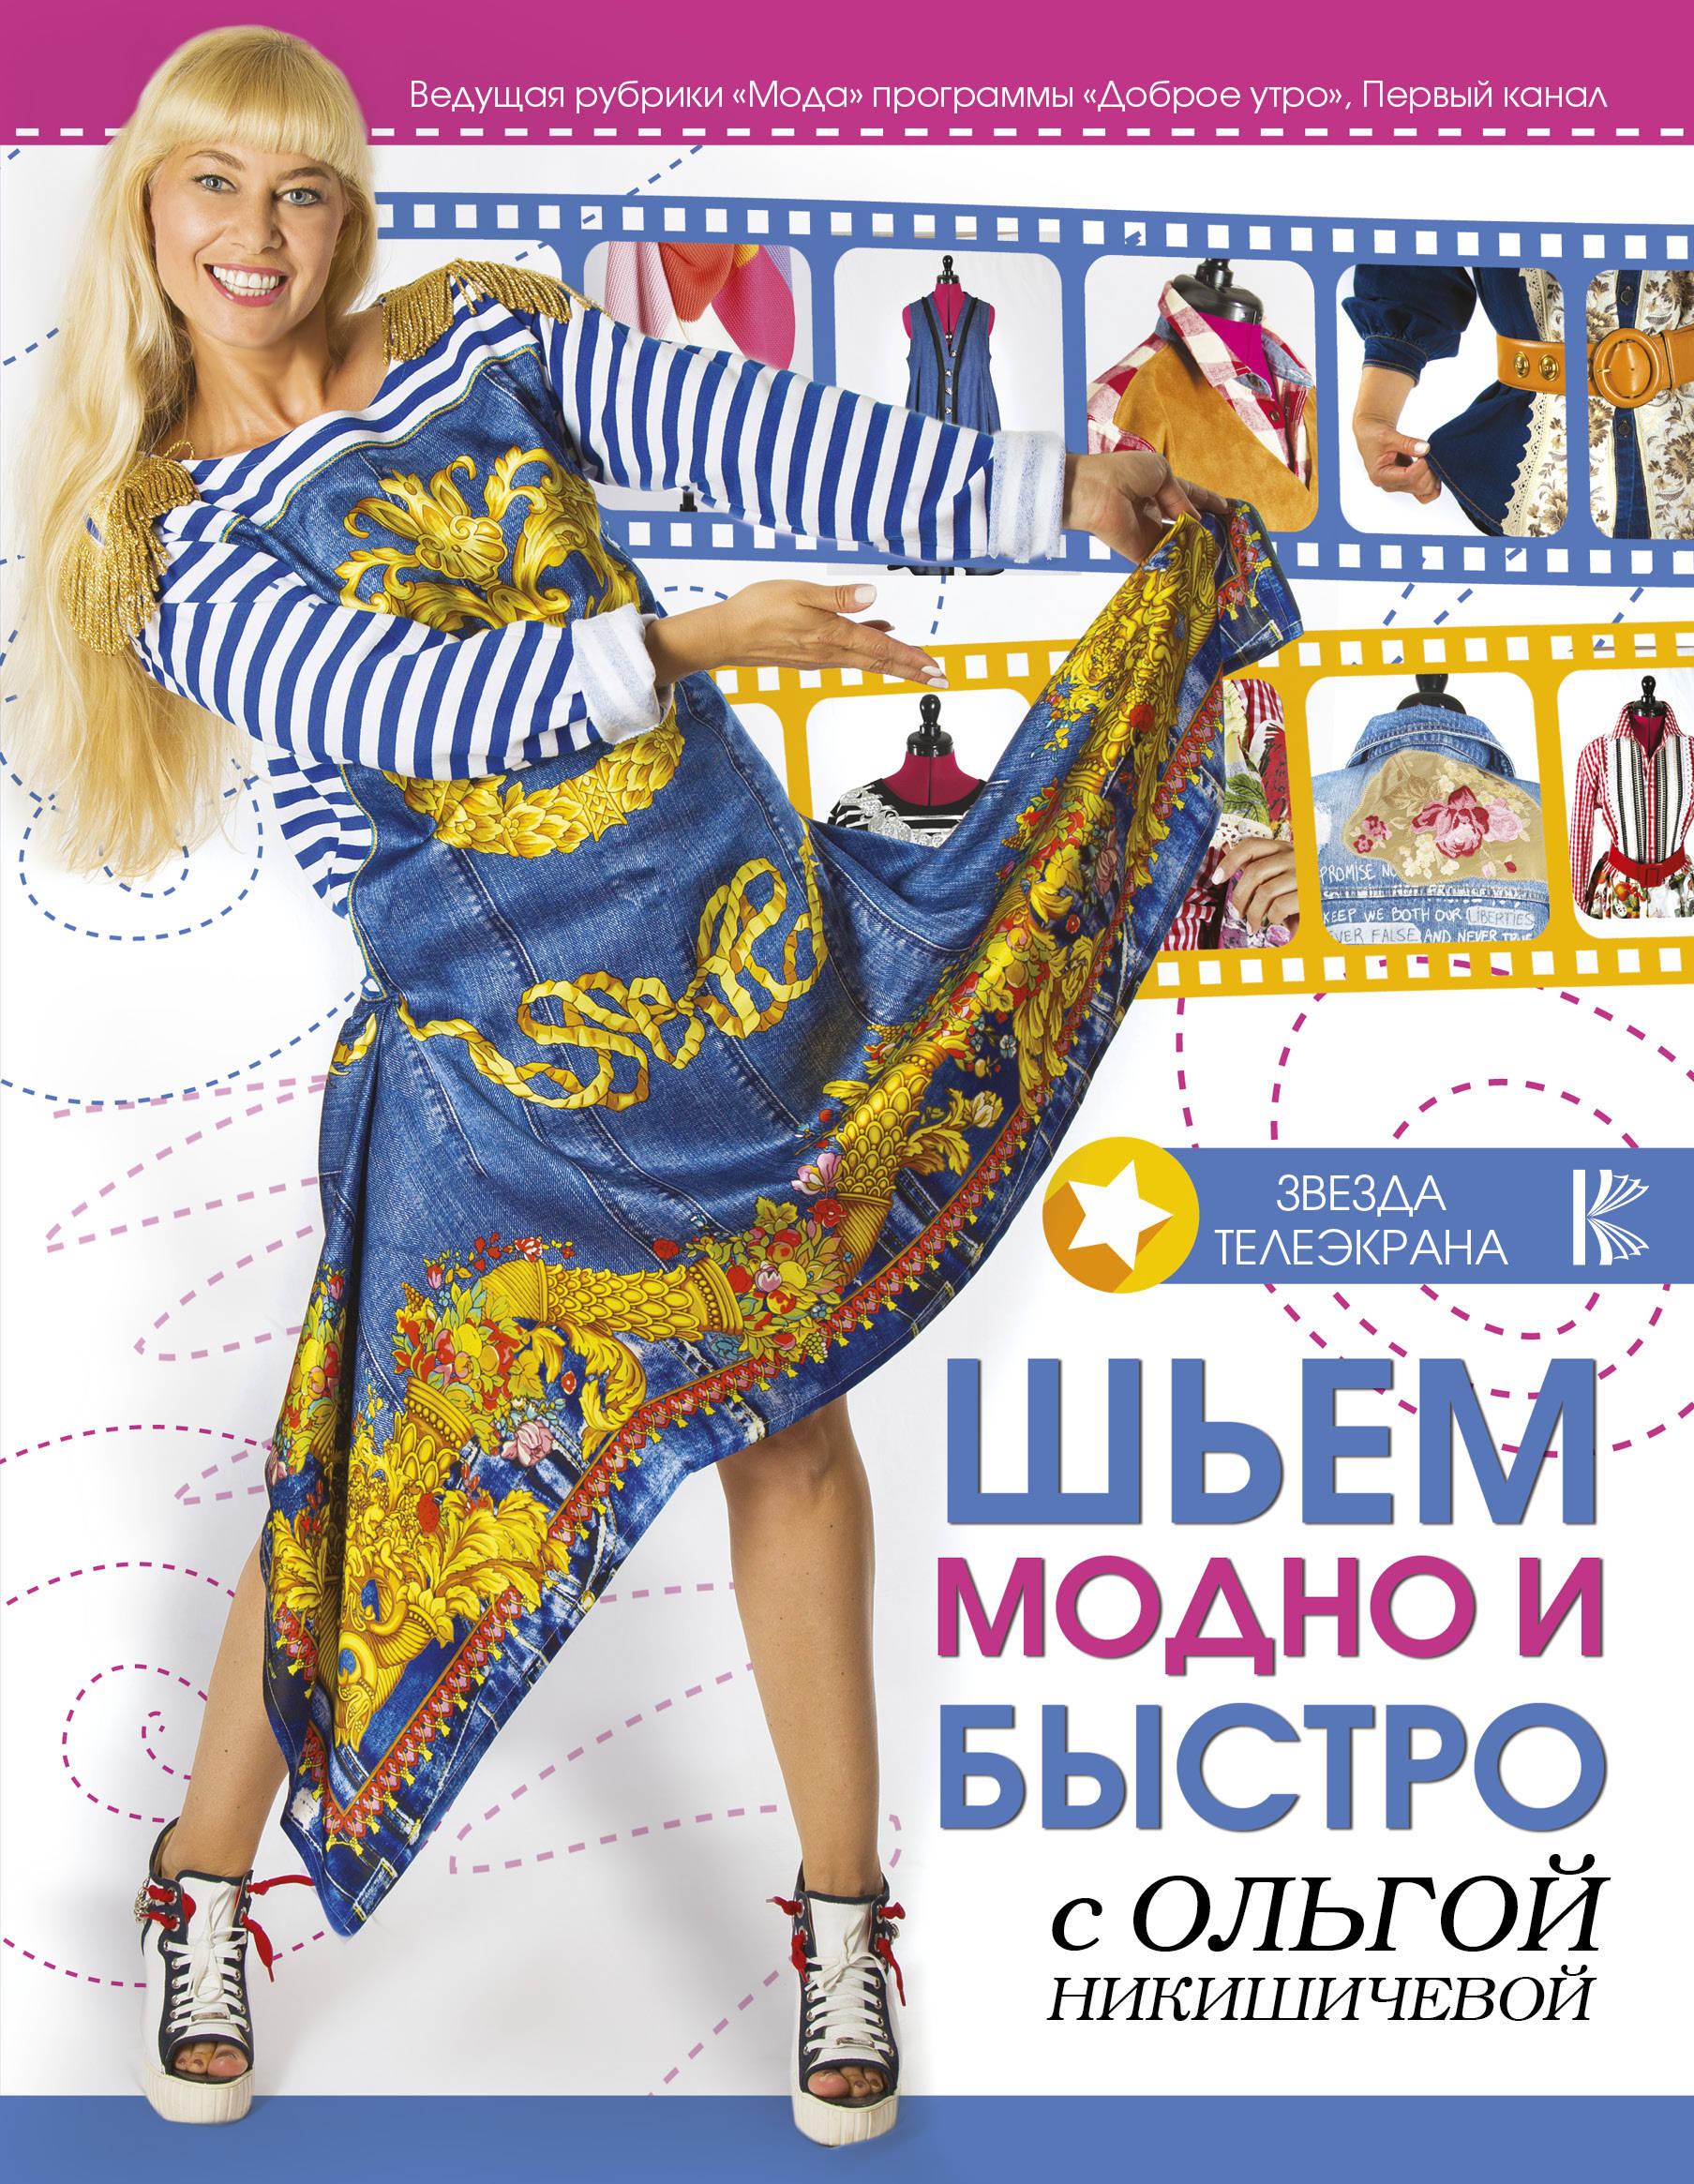 Ольга Никишичева Шьем модно и быстро с Ольгой Никишичевой